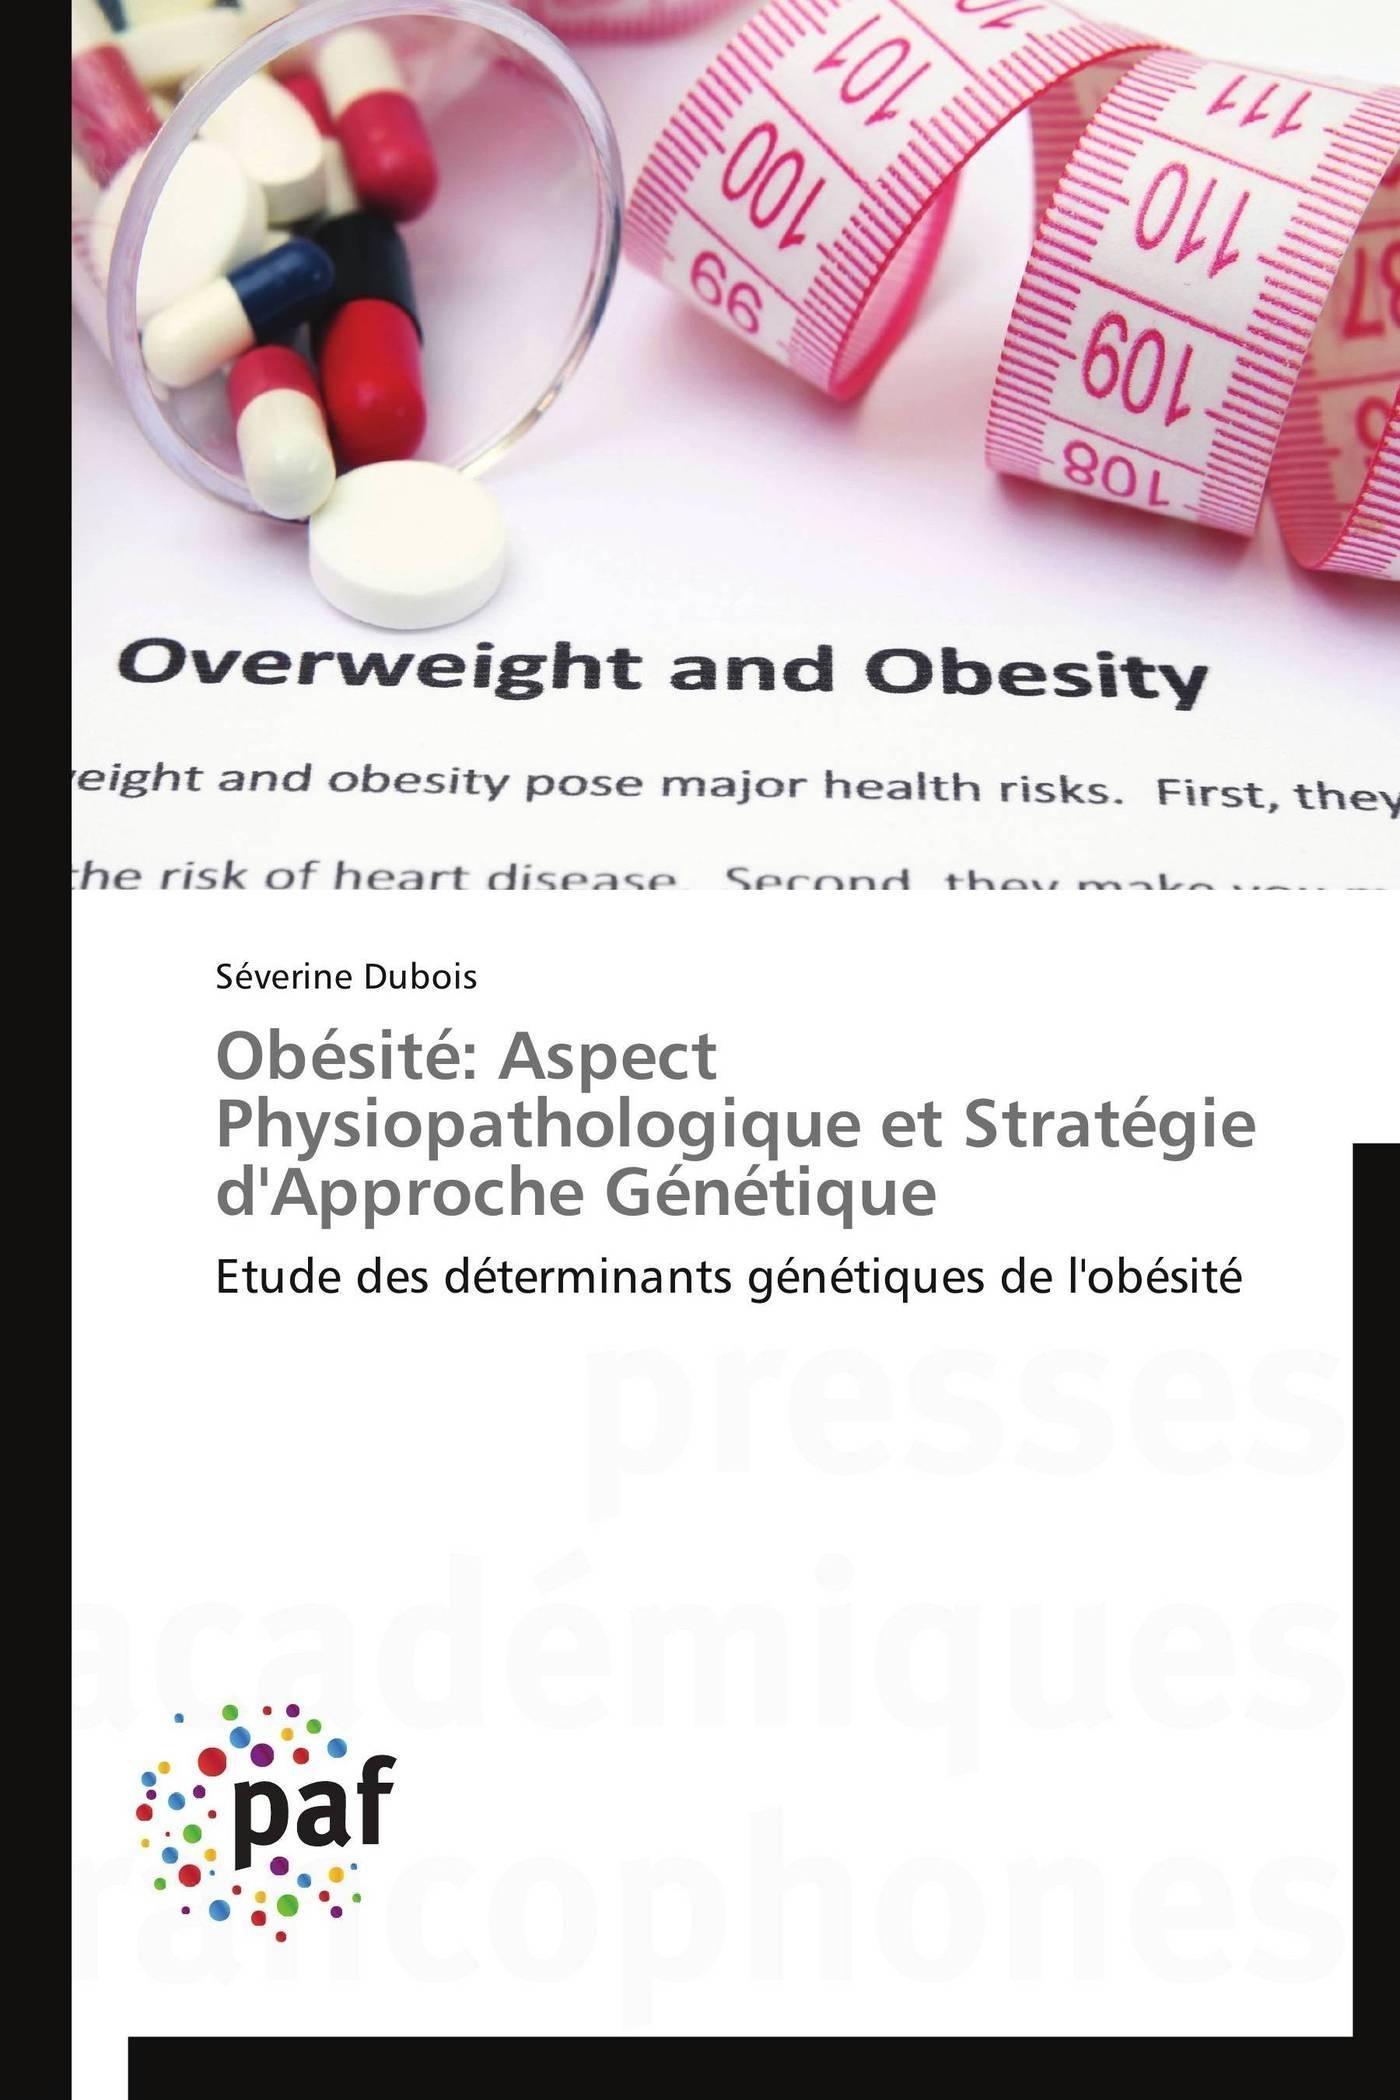 OBESITE: ASPECT PHYSIOPATHOLOGIQUE ET STRATEGIE D'APPROCHE GENETIQUE